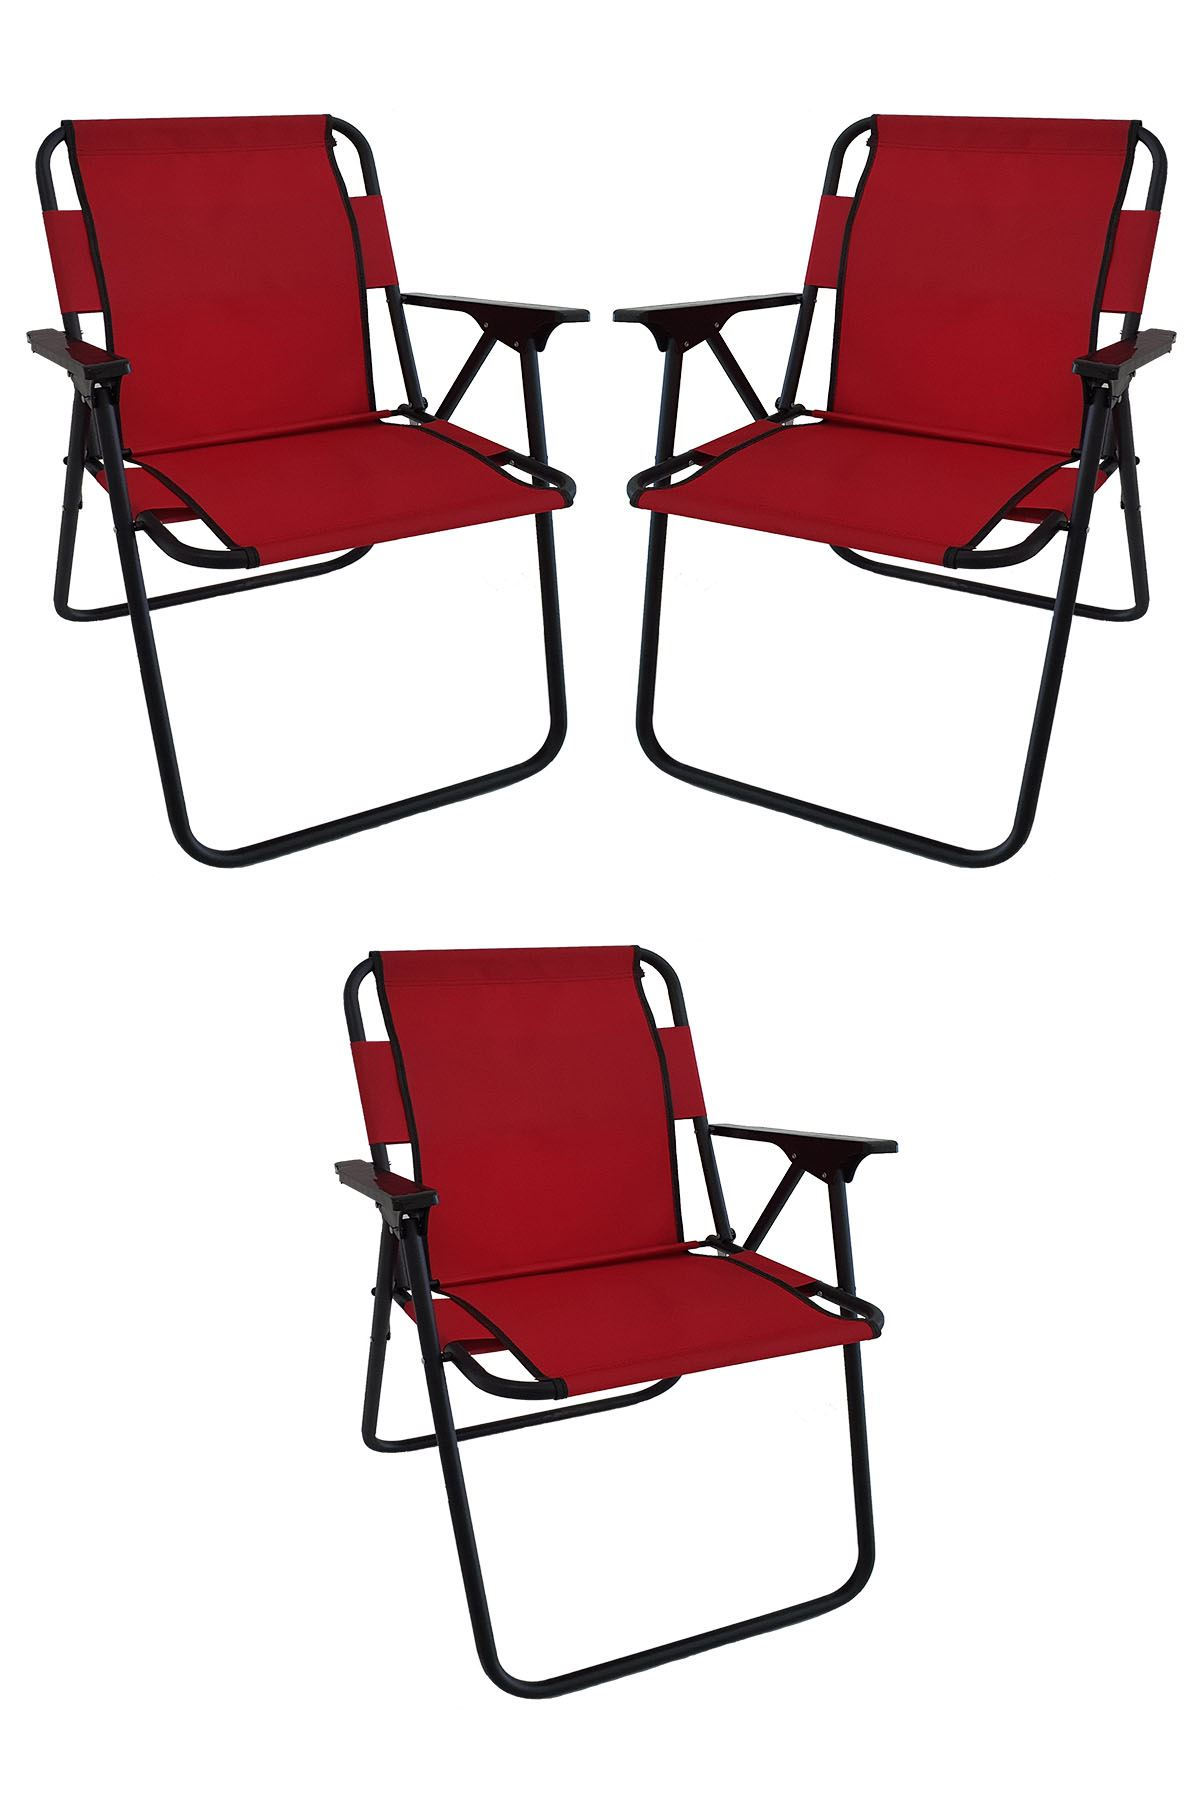 Bofigo 3 Pcs Camping Chair Folding Chair Picnic Chair Beach Chair Red